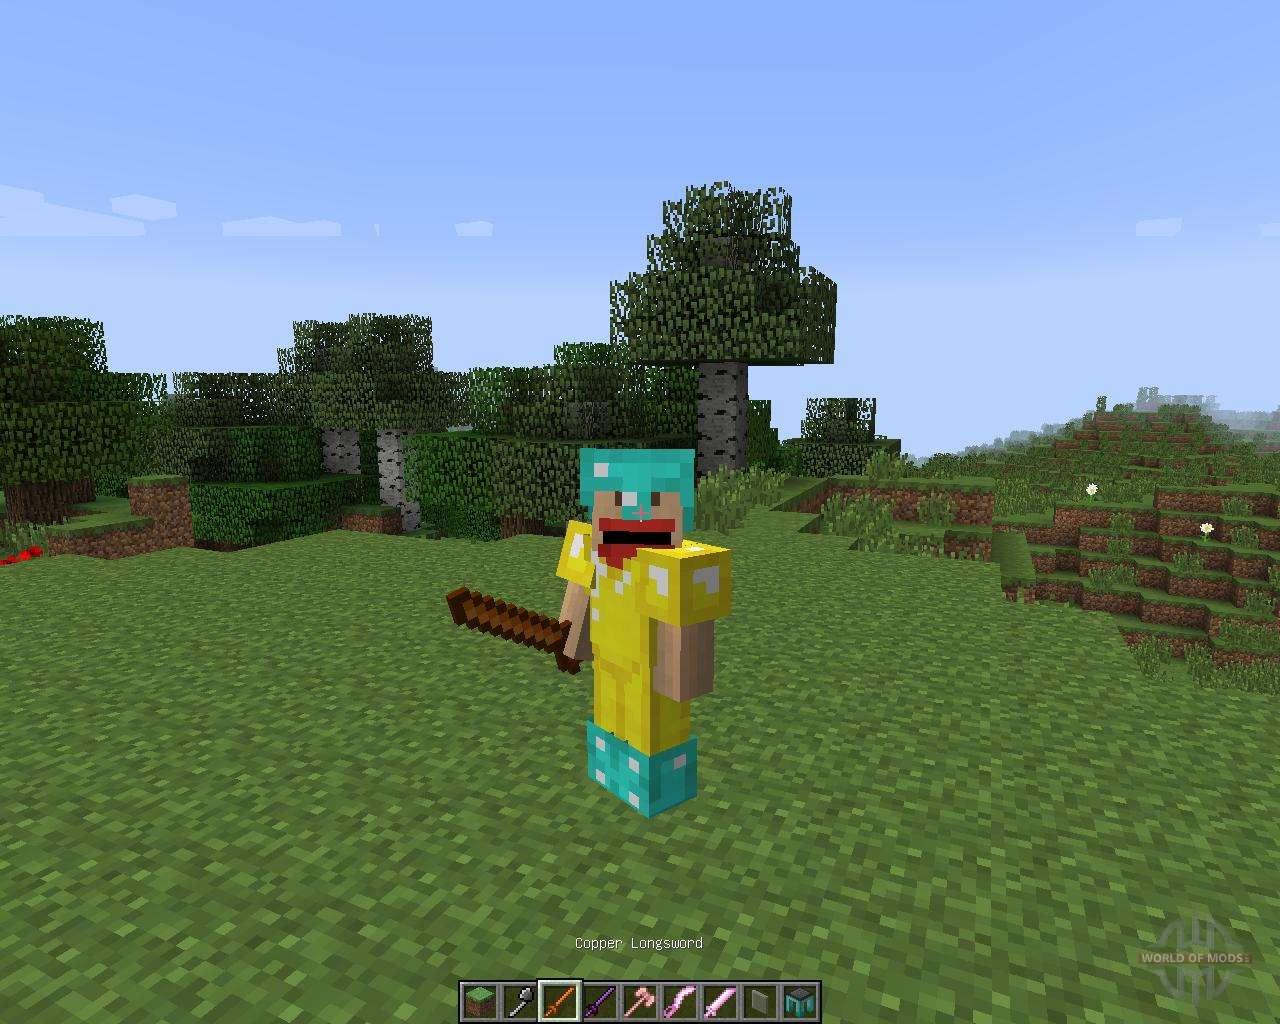 Скачать бесплатно Tinkers' Construct мод для Minecraft 1.7 ...